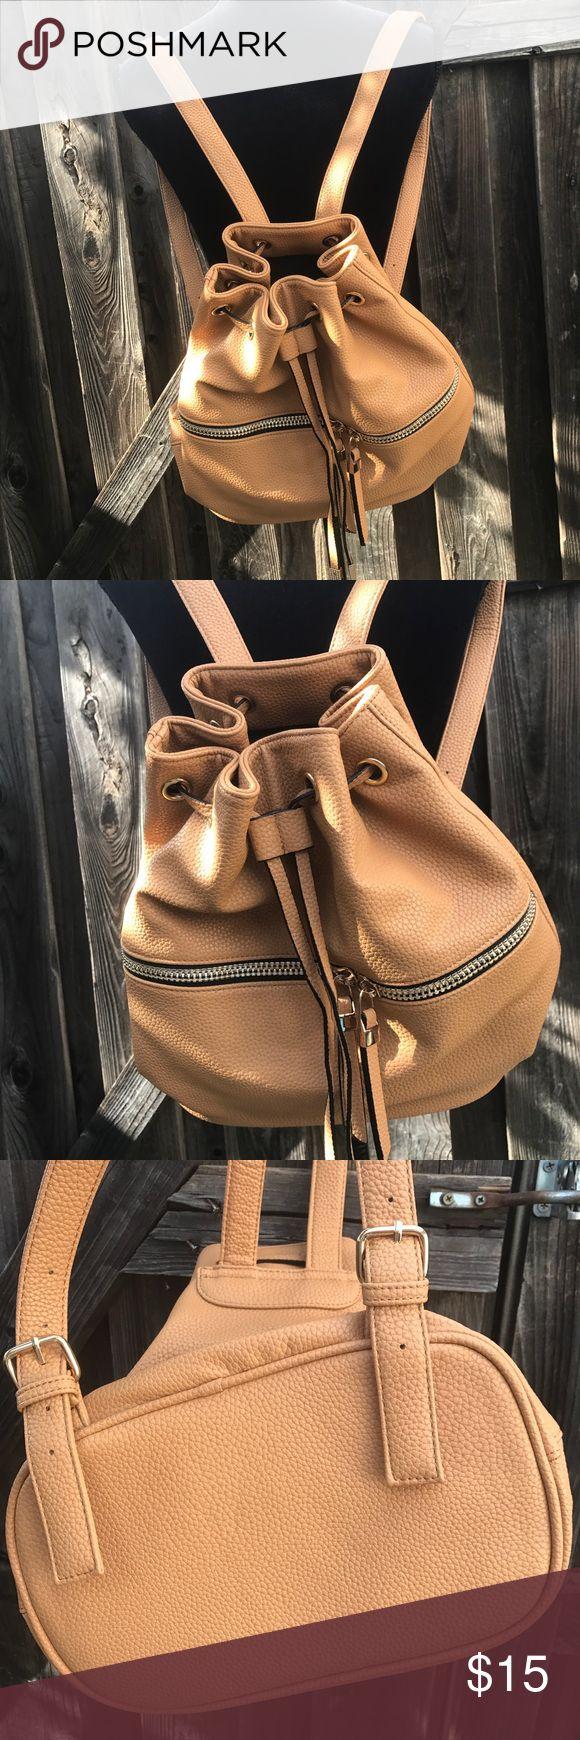 Forever21 women's beige backpack Forever21 women's backpack  Beige Never worn  Length 12.5 Width 15 Forever 21 Bags Backpacks